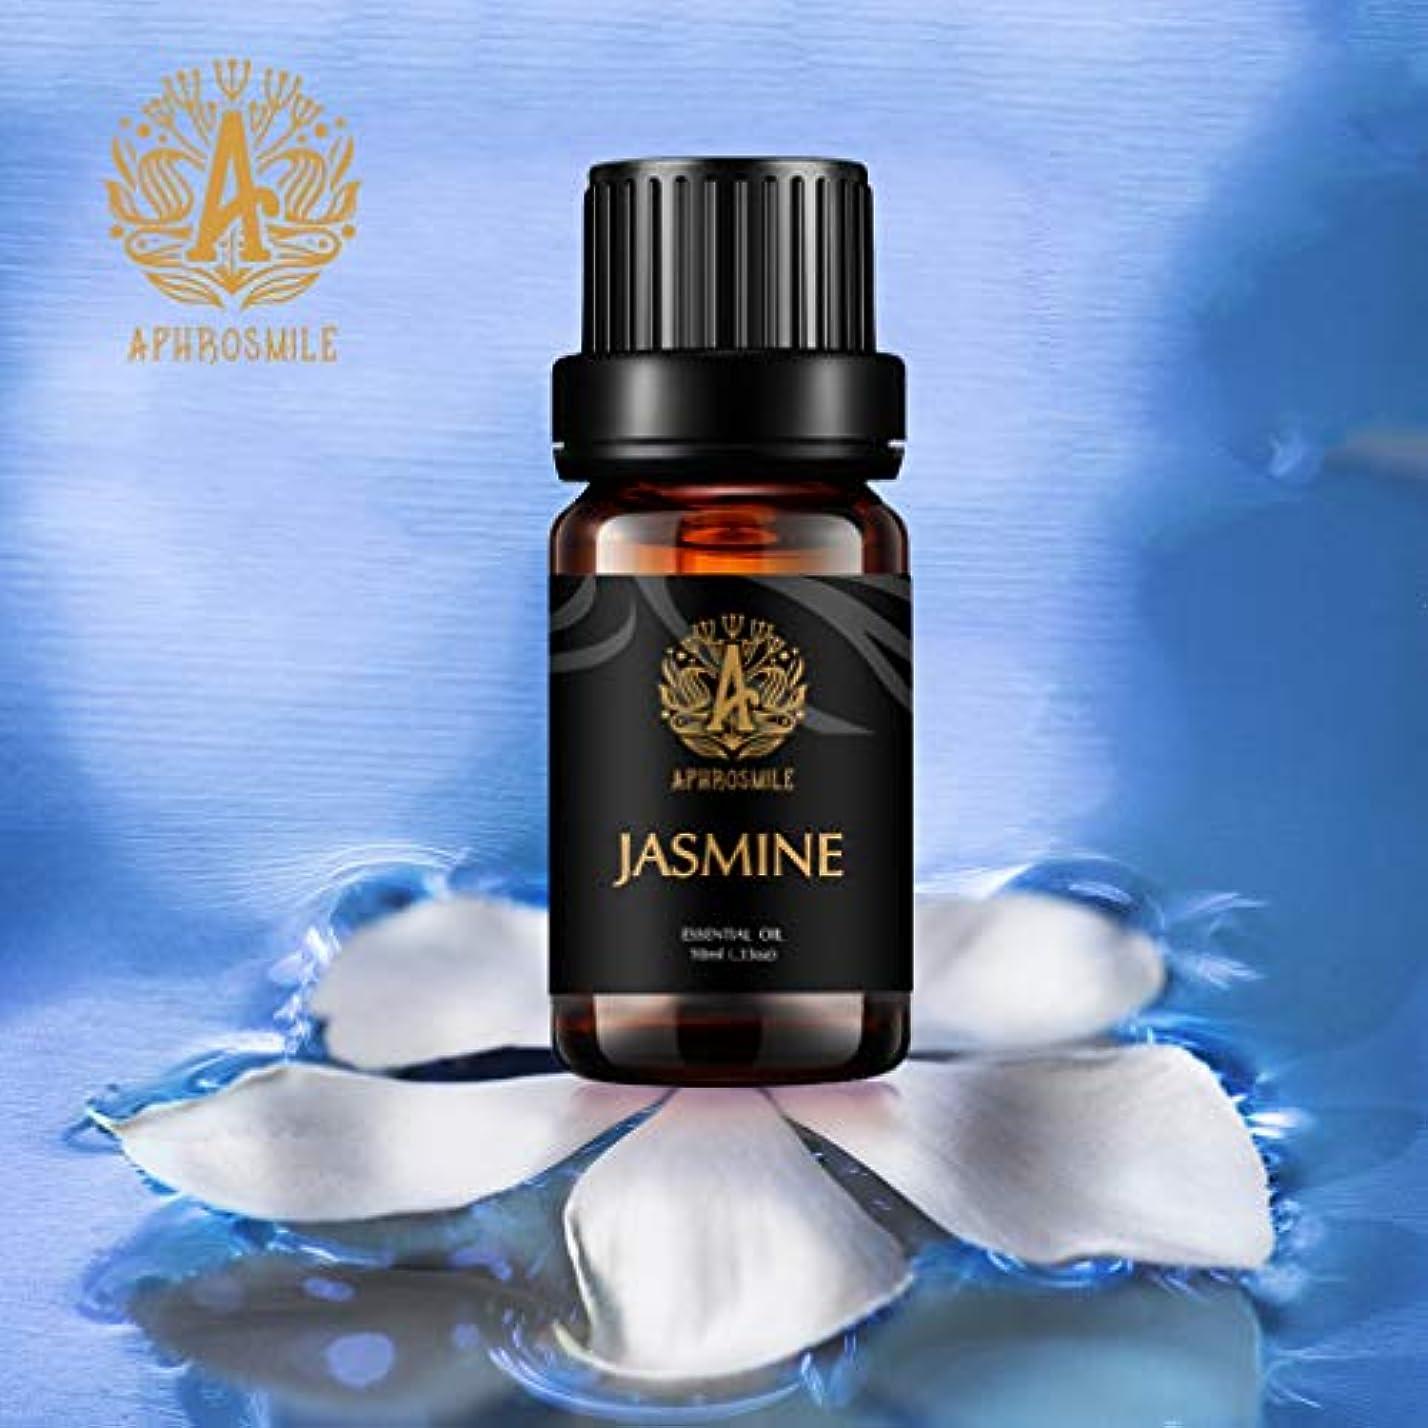 札入れスライスほとんどの場合ジャスミンエッセンシャルオイル、100%純粋なアロマセラピーエッセンシャルオイルジャスミンの香りと甘い花の香り、治療上の等級の精油のジャスミンの芳香為に拡散器、マッサージ、加湿器、毎日の心配、0.33オンス-10ml